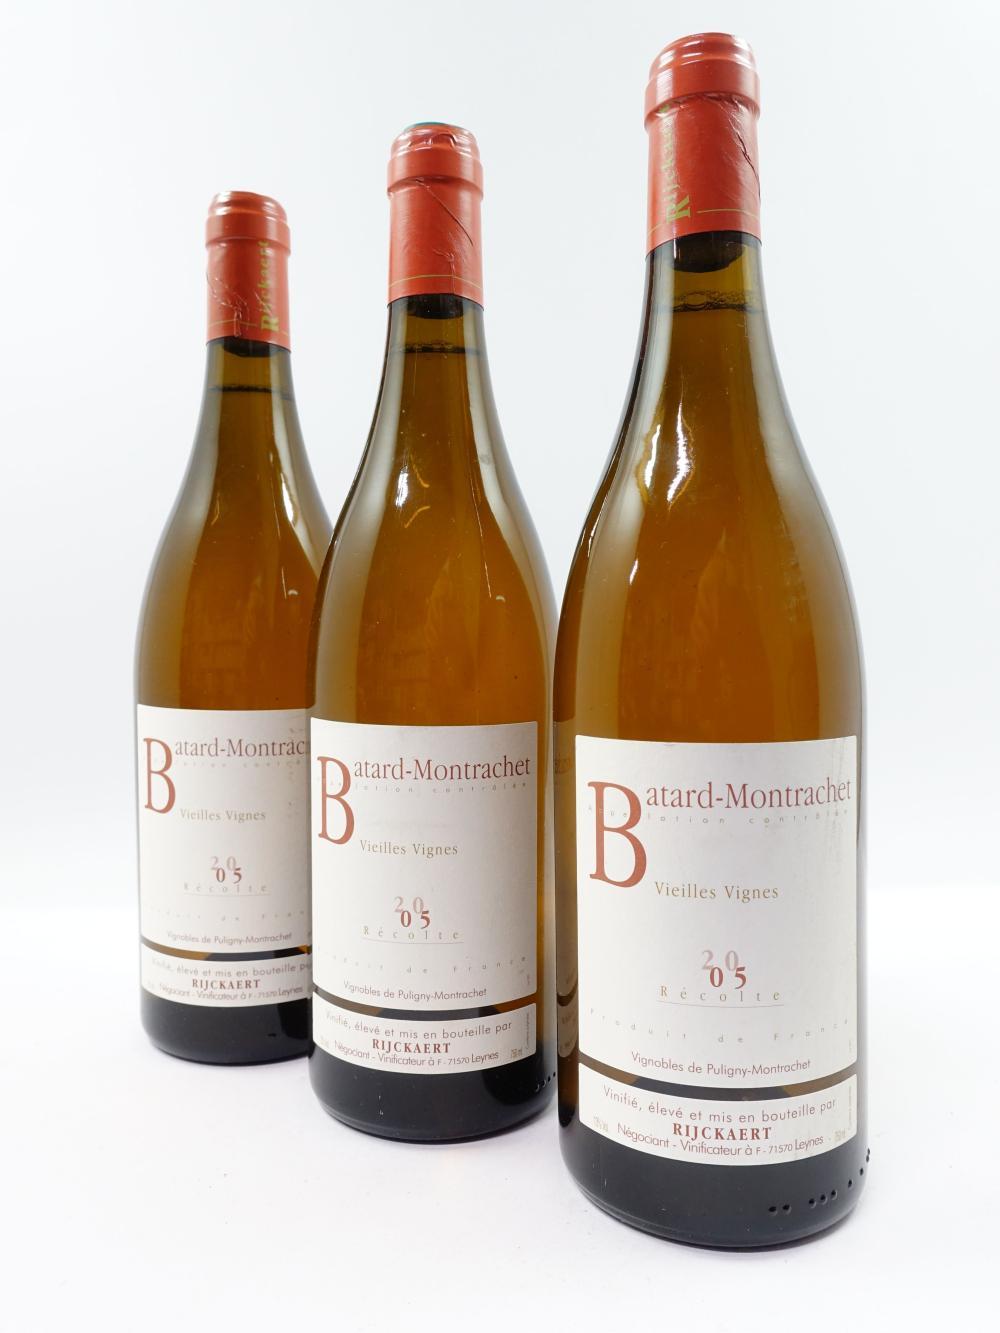 3 bouteilles BATARD MONTRACHET 2005 Grand Cru